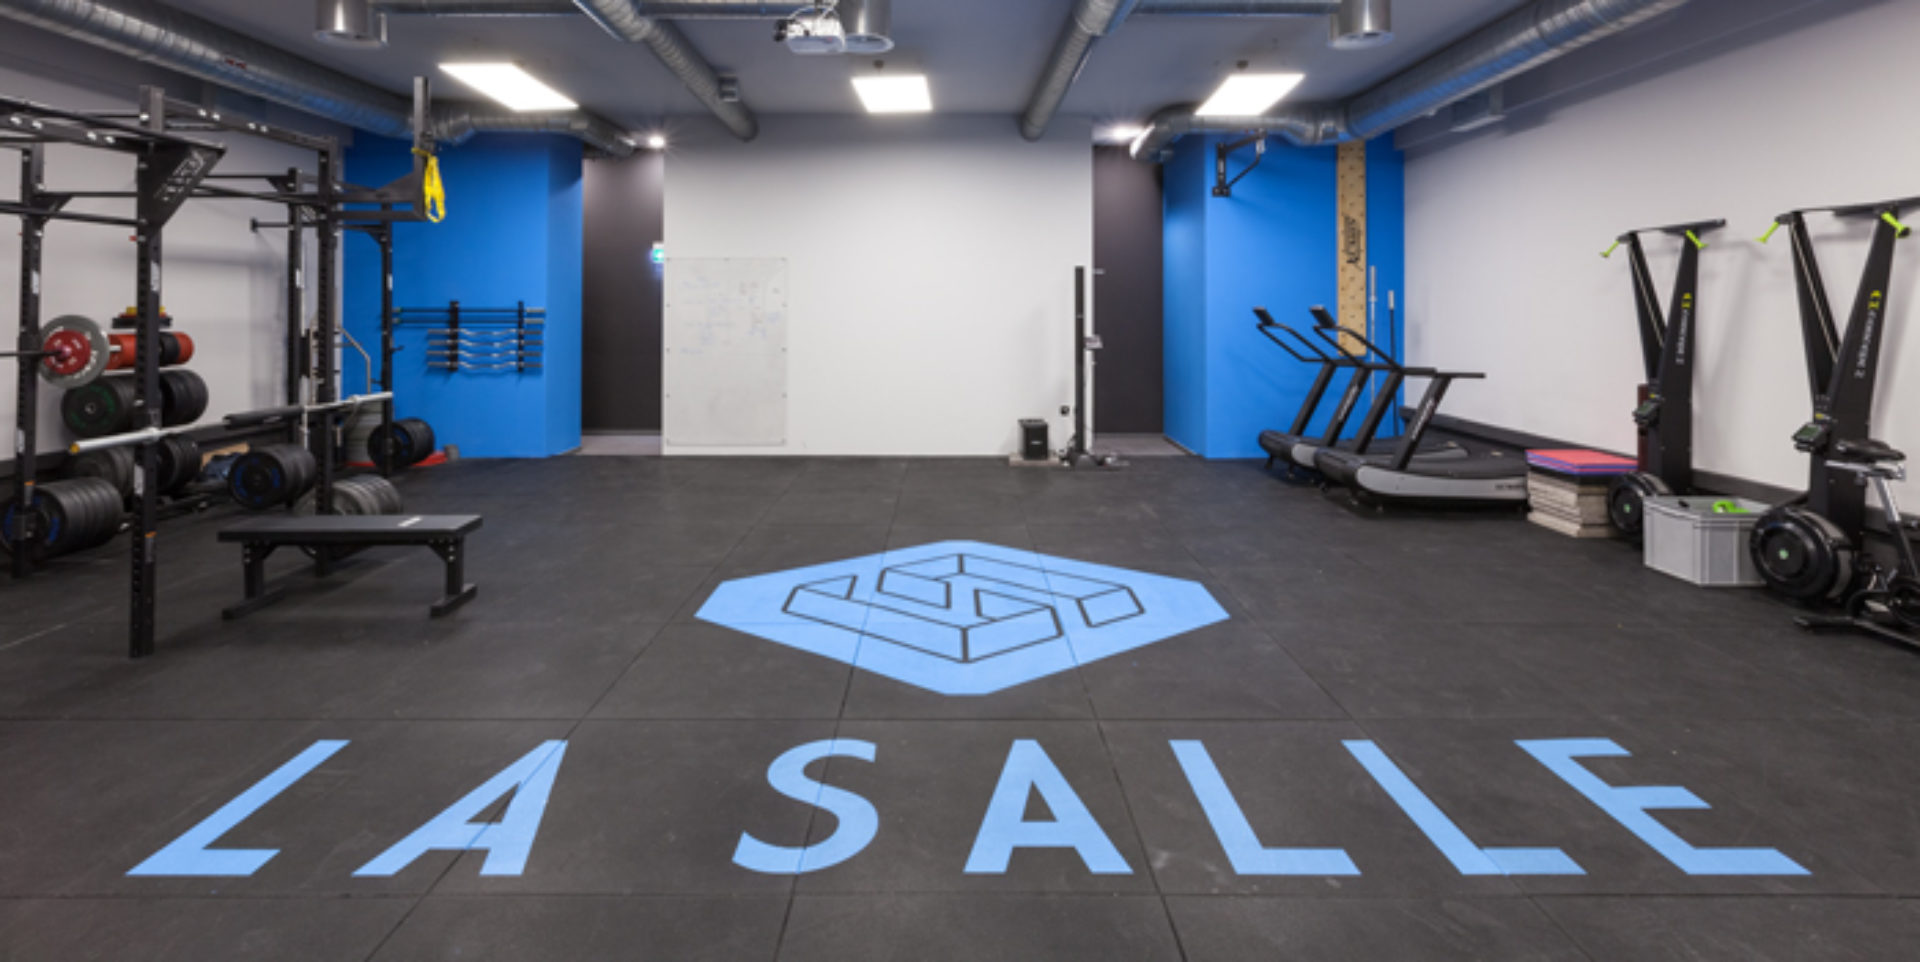 La Salle Centre d'entraînement